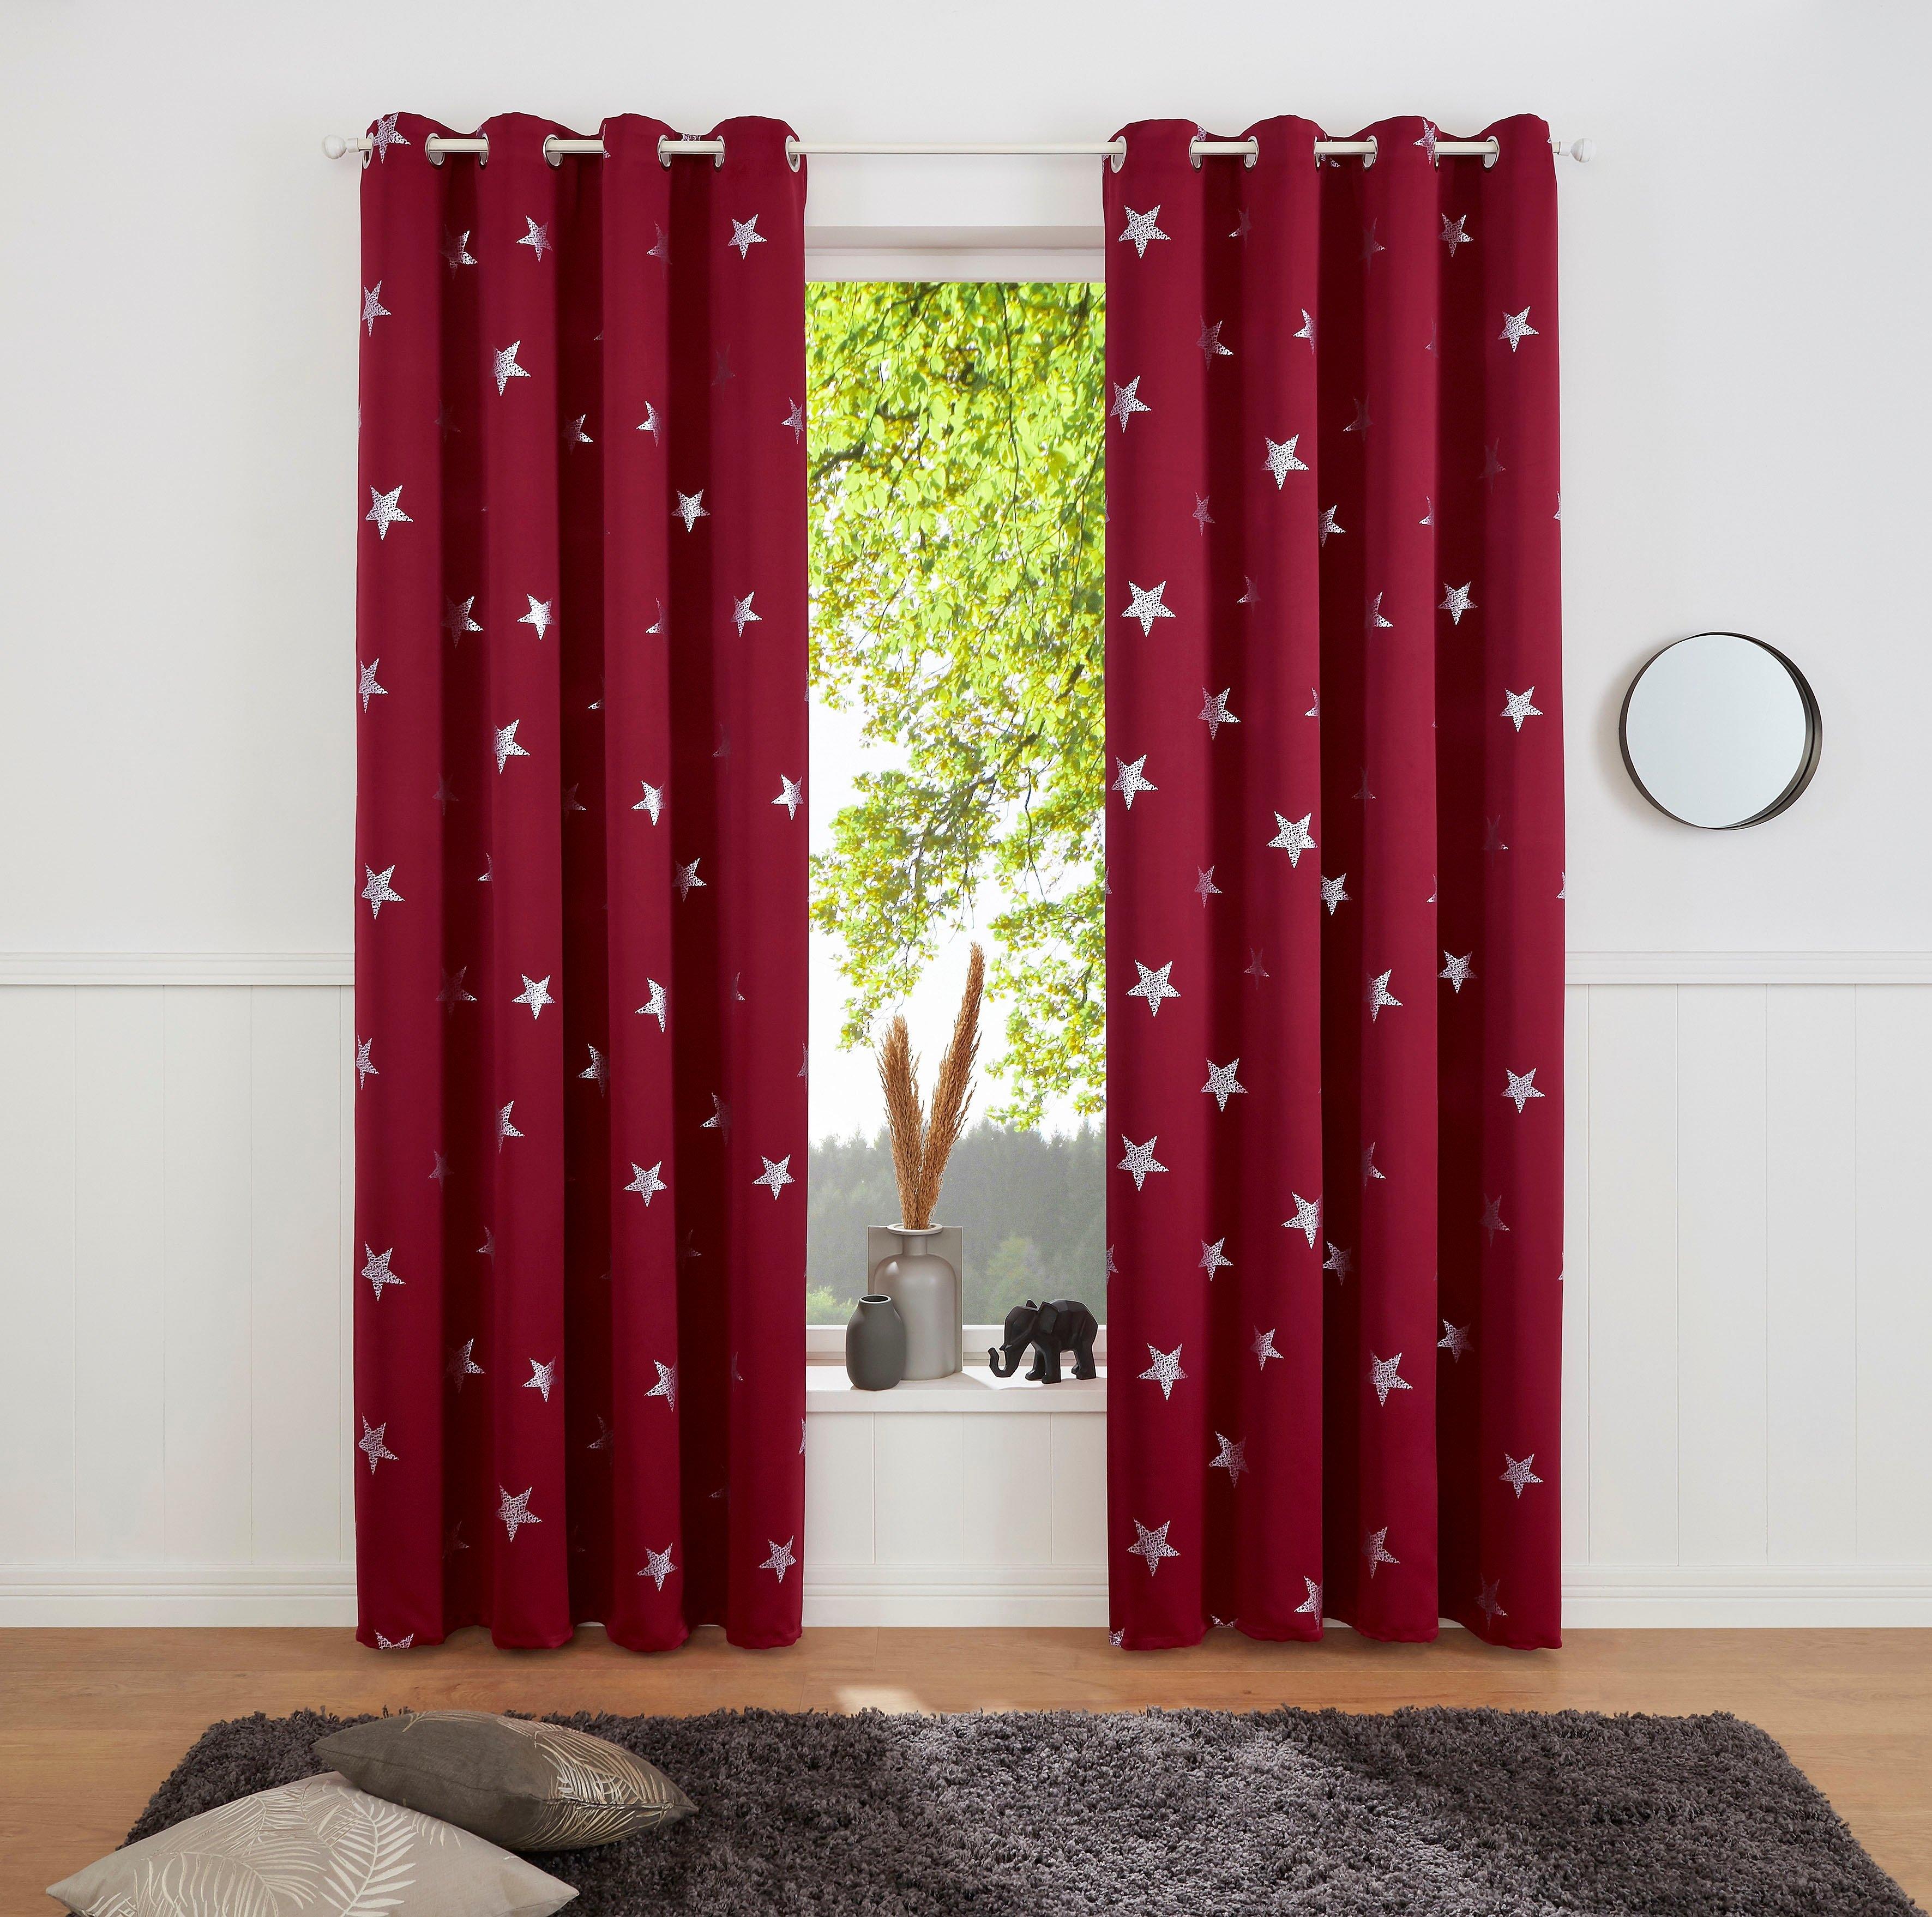 my home gordijn »Blackout Curtain With Foil Print Star« voordelig en veilig online kopen